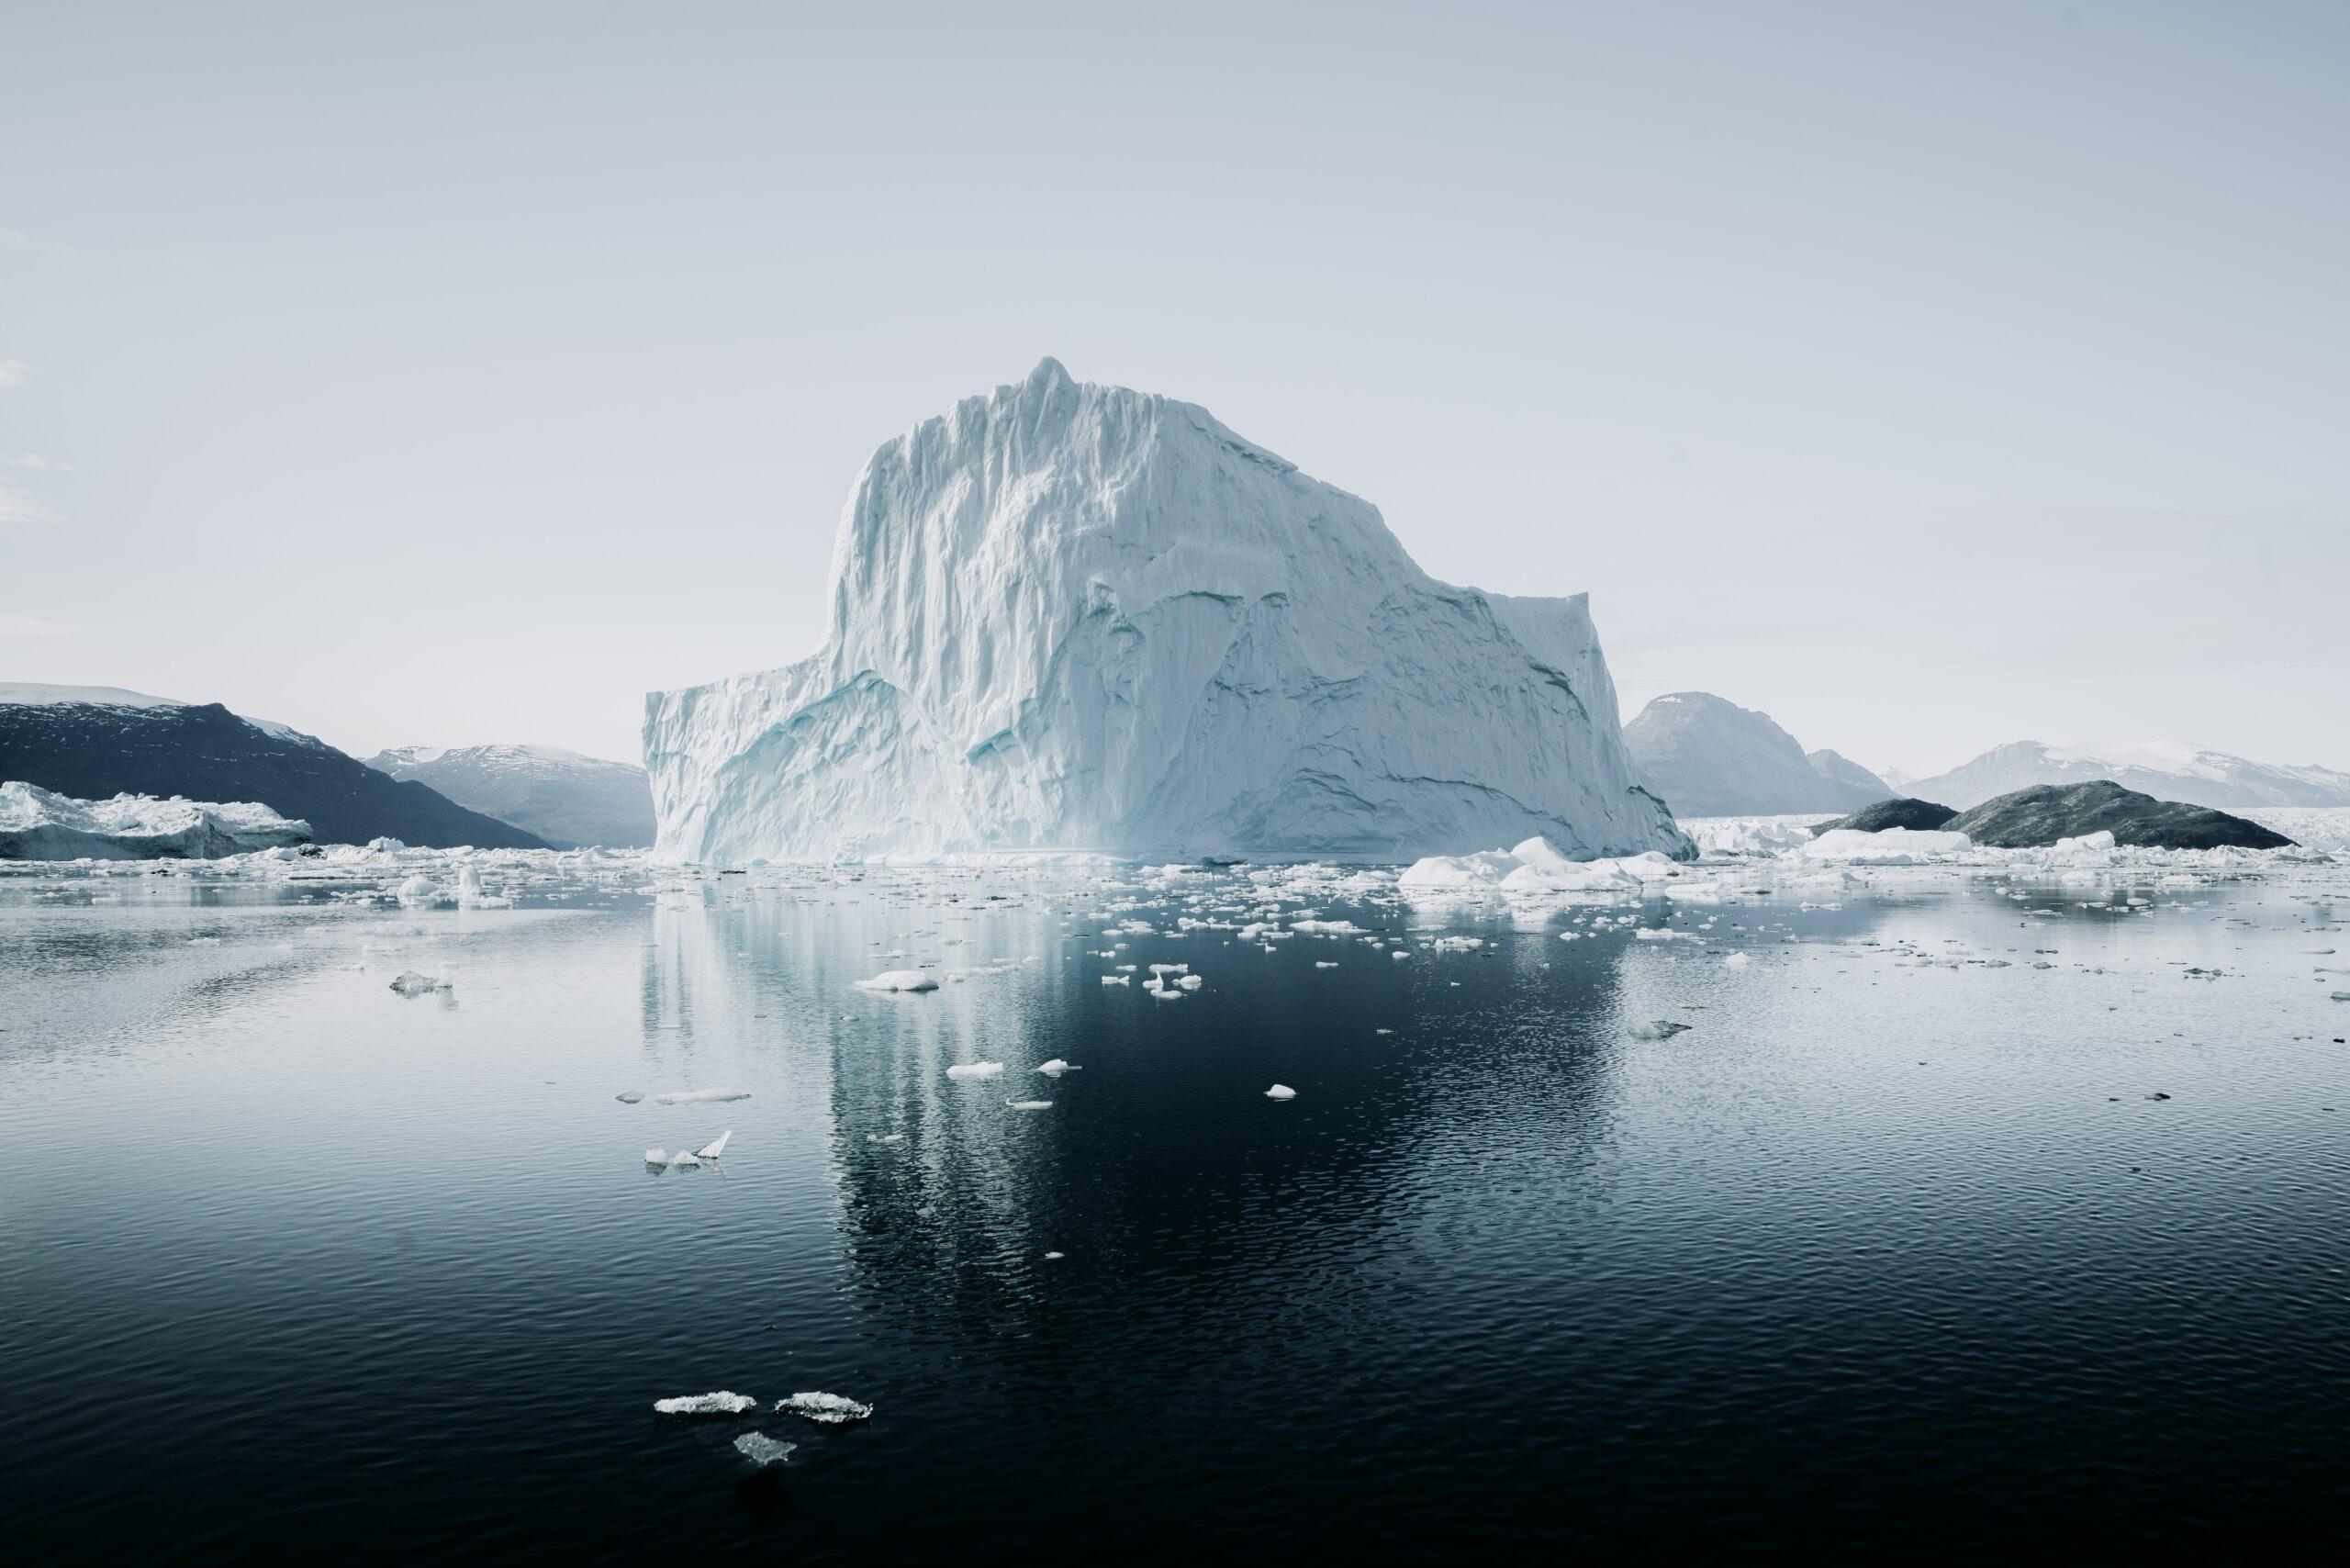 潜在意識の氷山モデル